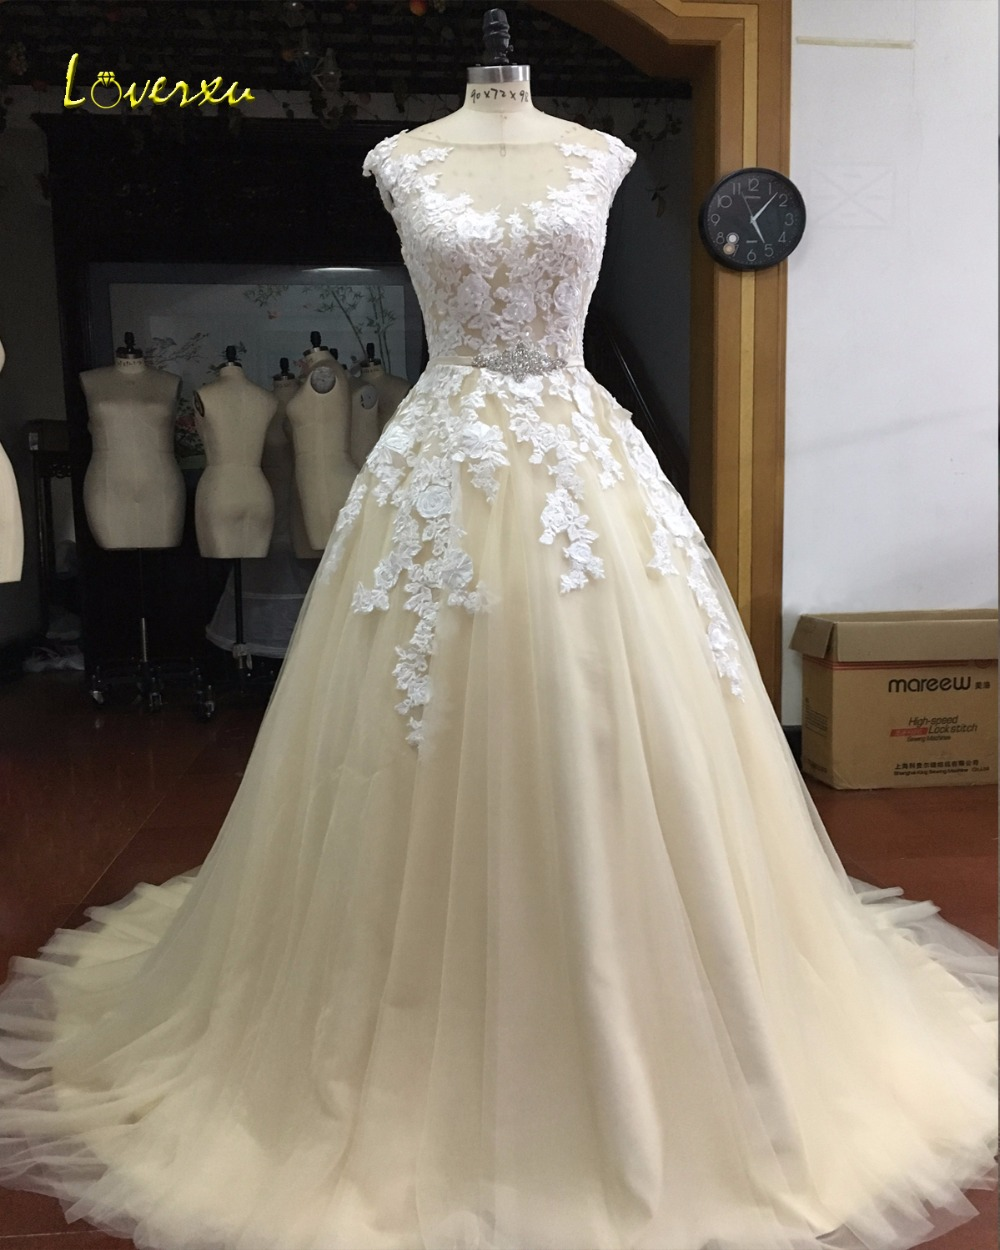 Designer Dresses For Less